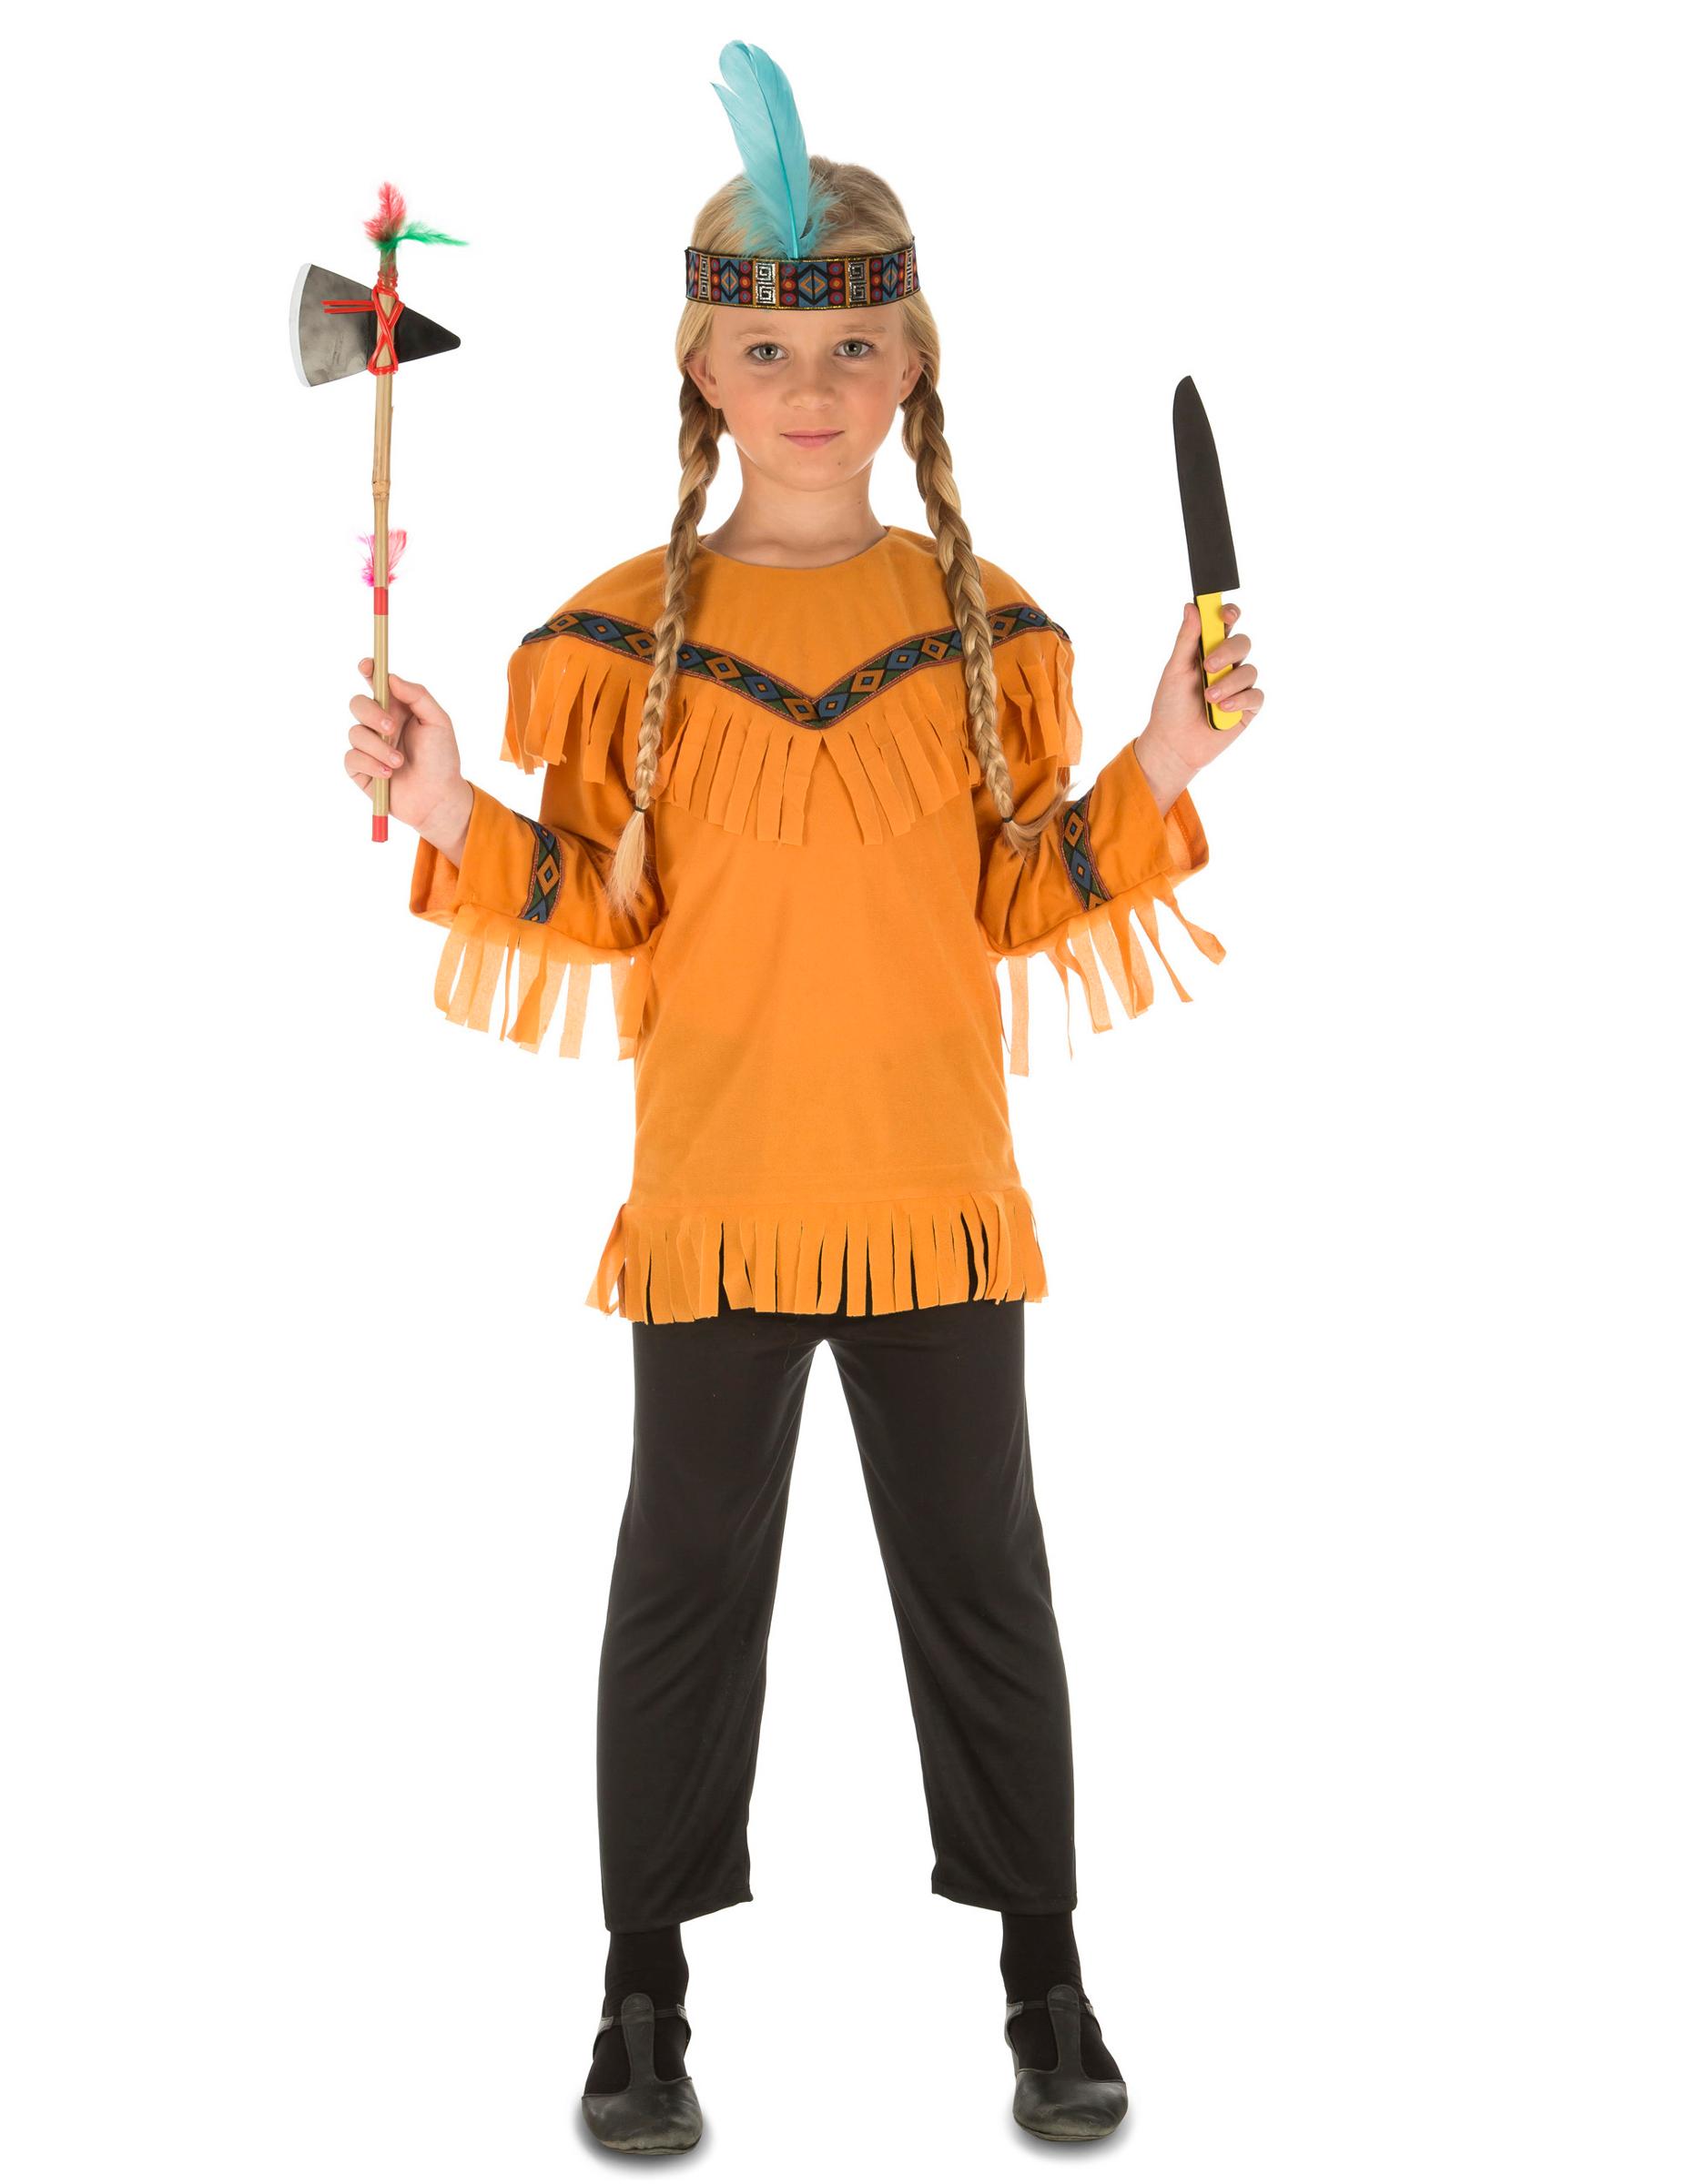 Indianer Kostum Mit Zubehor Fur Kinder Gunstige Faschings Kostume